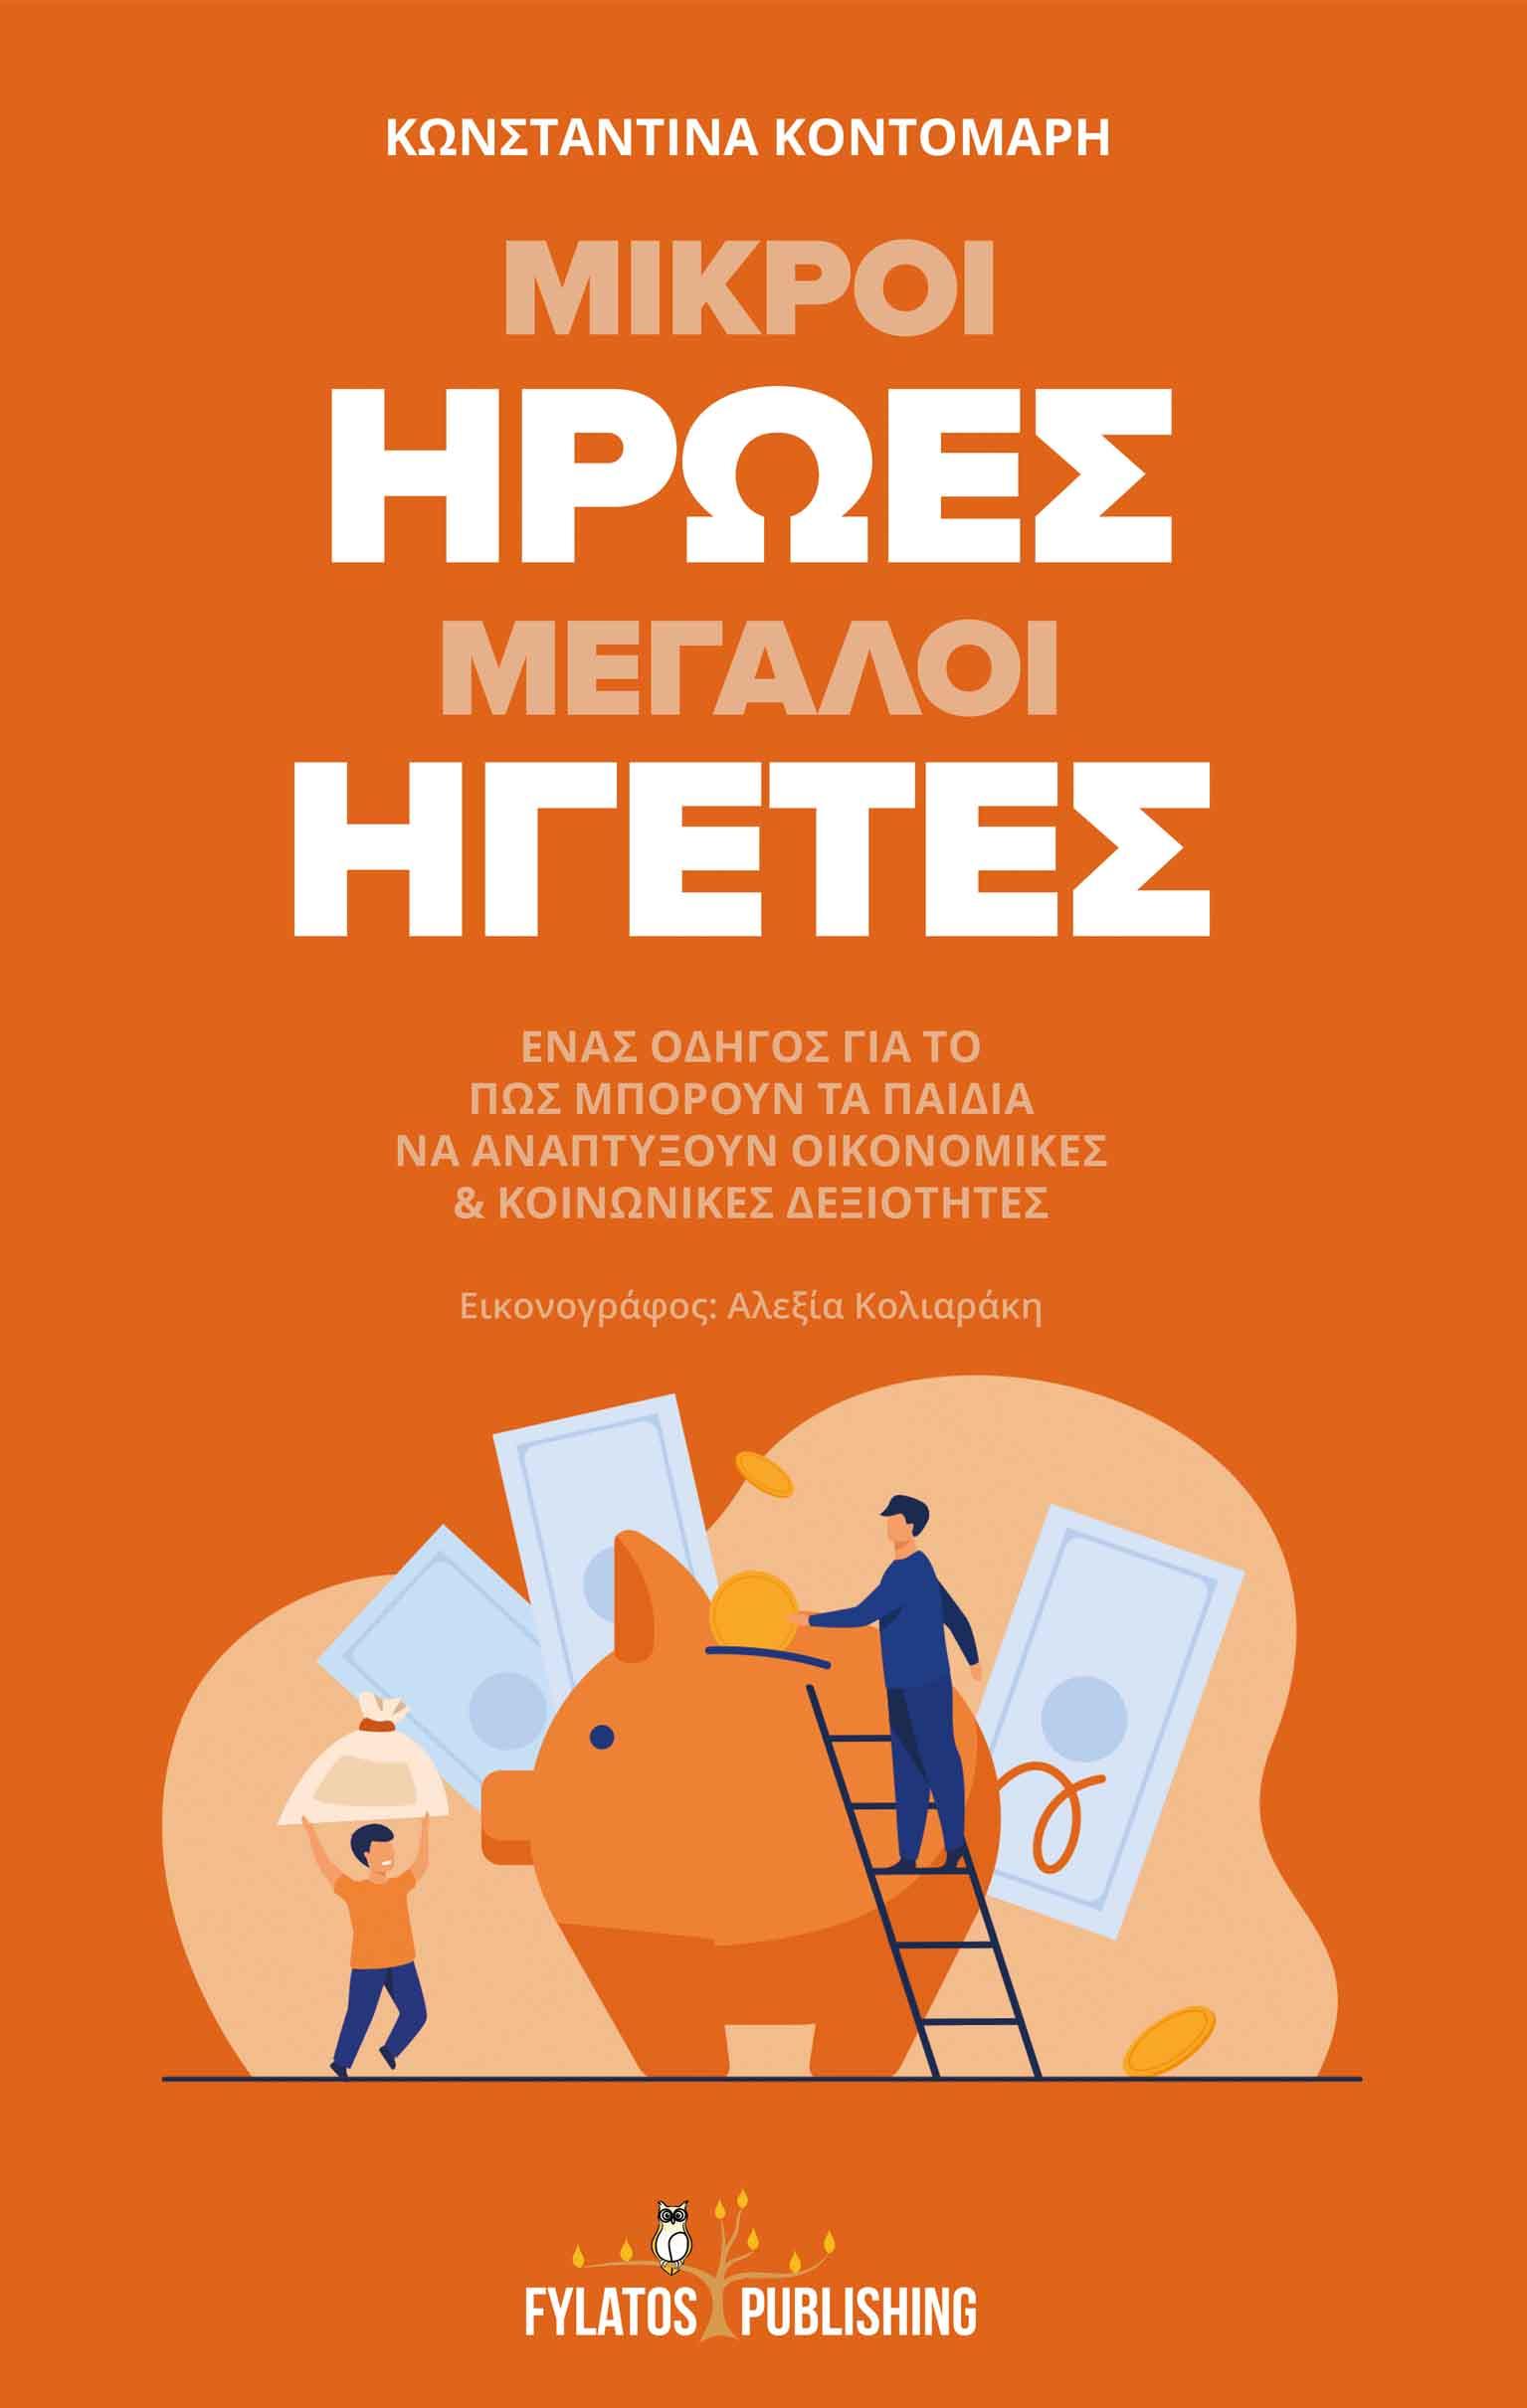 εκδόσεις Φυλάτος βιβλία νέες κυκλοφορίες μικροι ηρωες μεγαλοι ηγετες